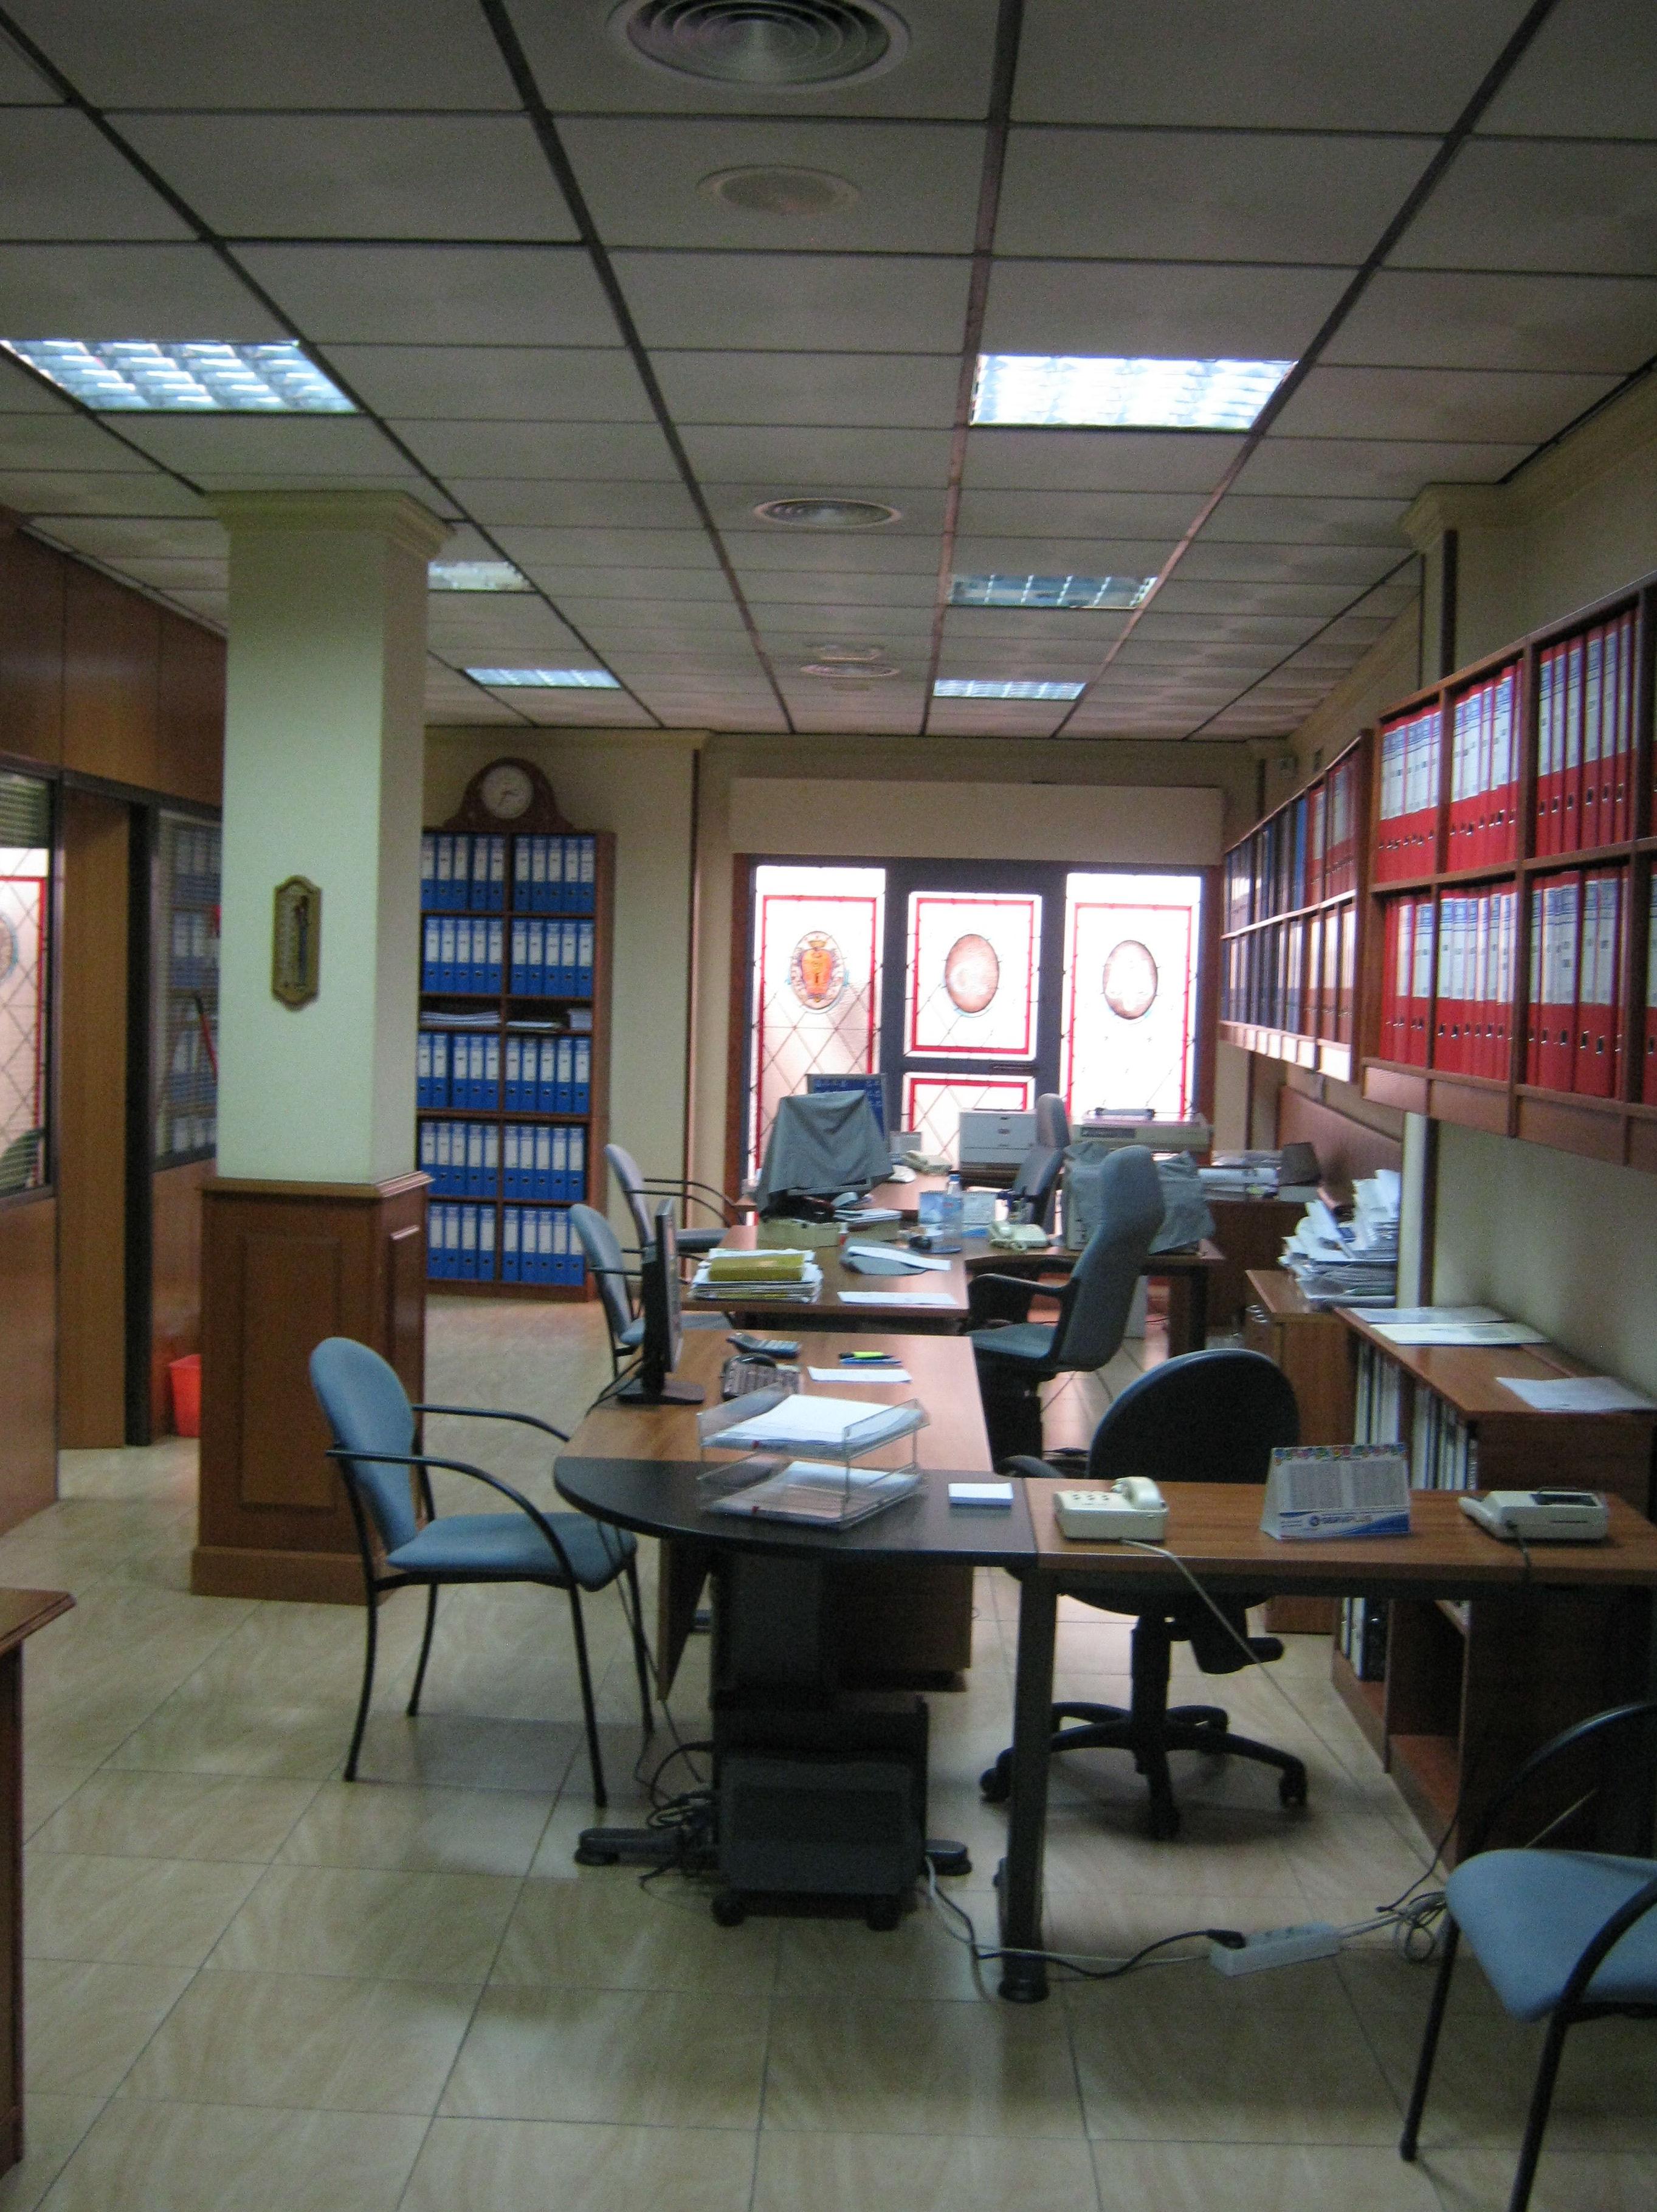 Foto 3 de Limpiezas en Getafe | Limpiezas Lema Javier Manzano GetafeS.L